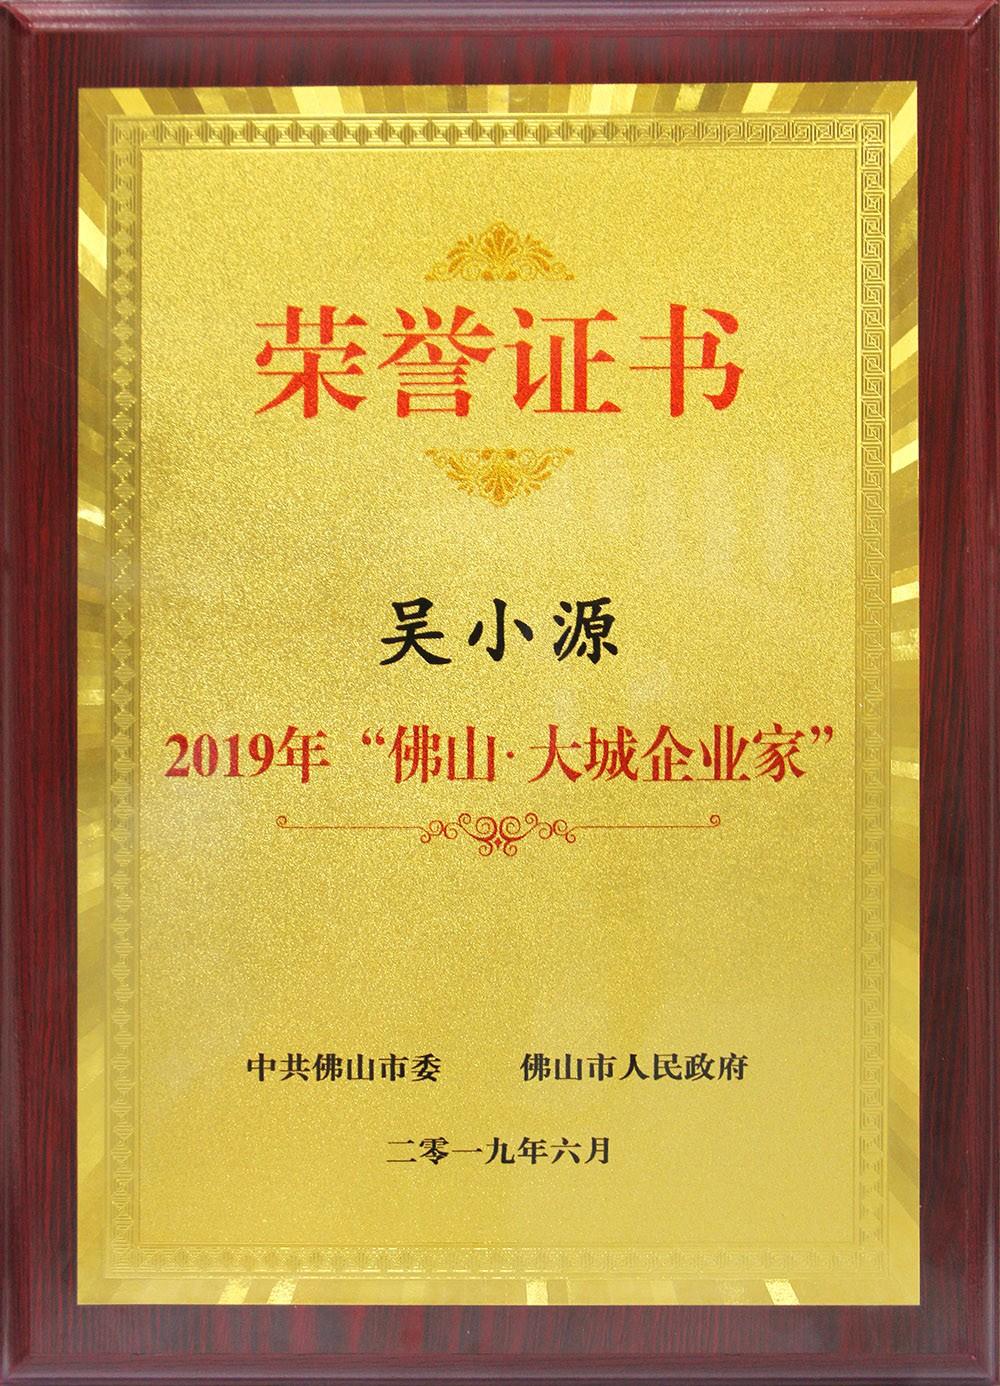 """喜讯!董事长吴小源先生荣获2019""""佛山•大城企业家""""大奖!"""